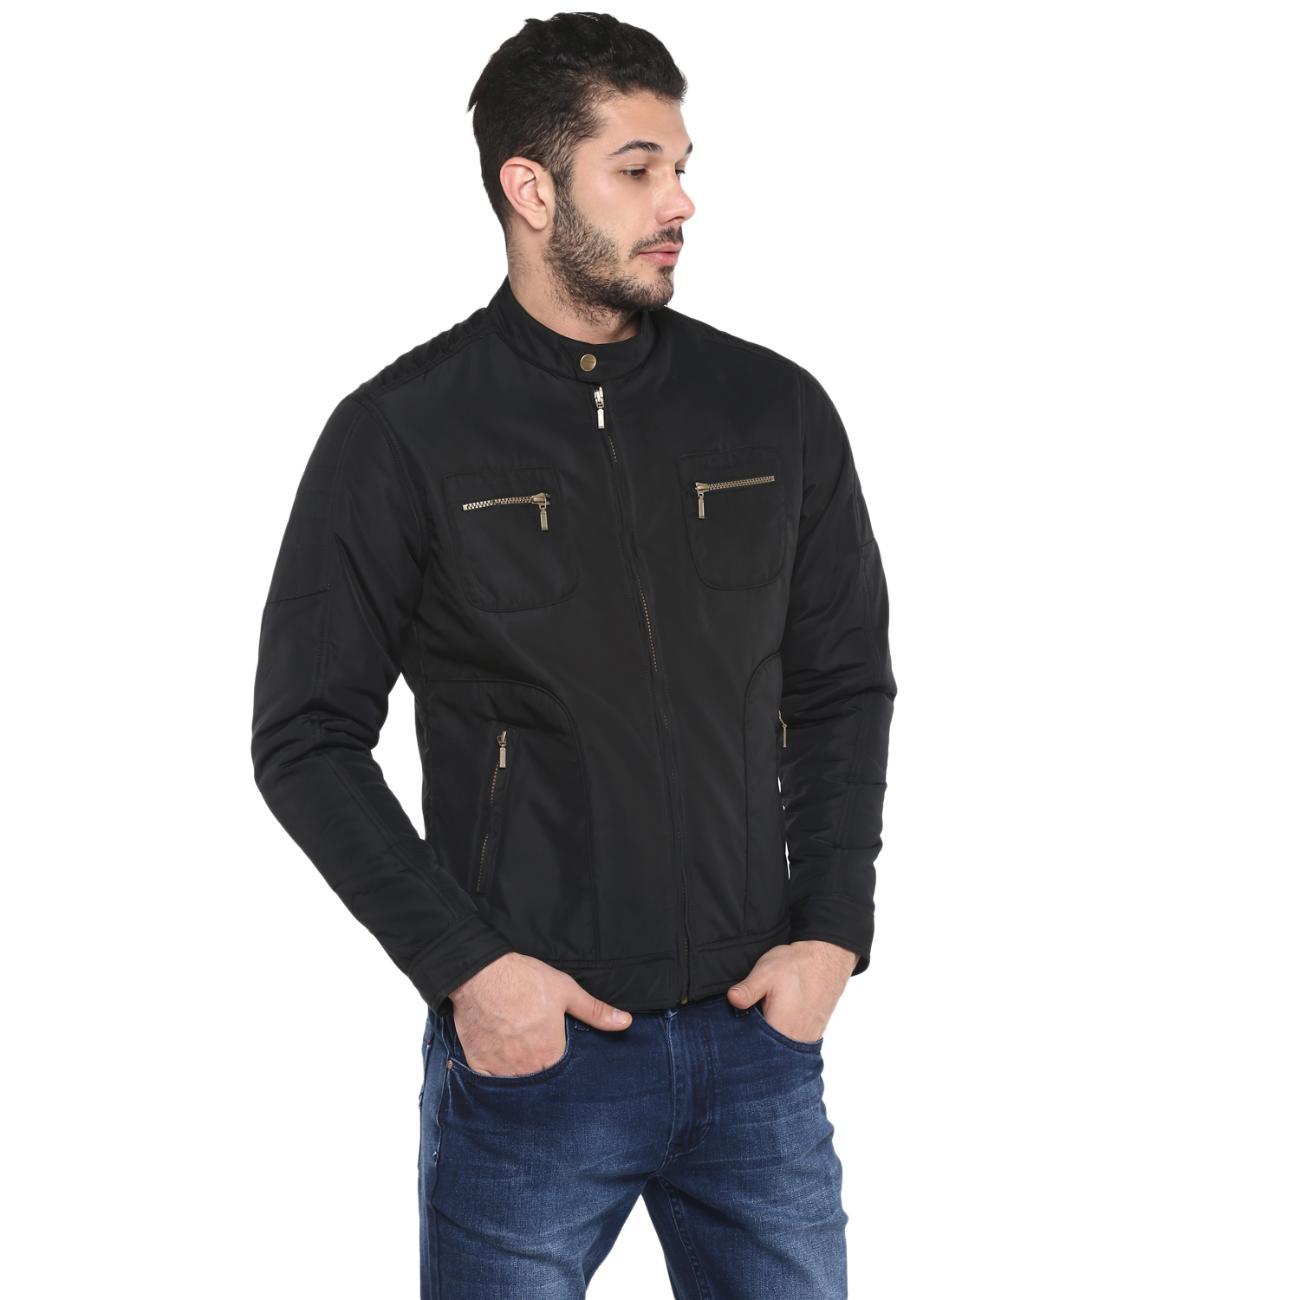 Buy Black Jacket for Men Online